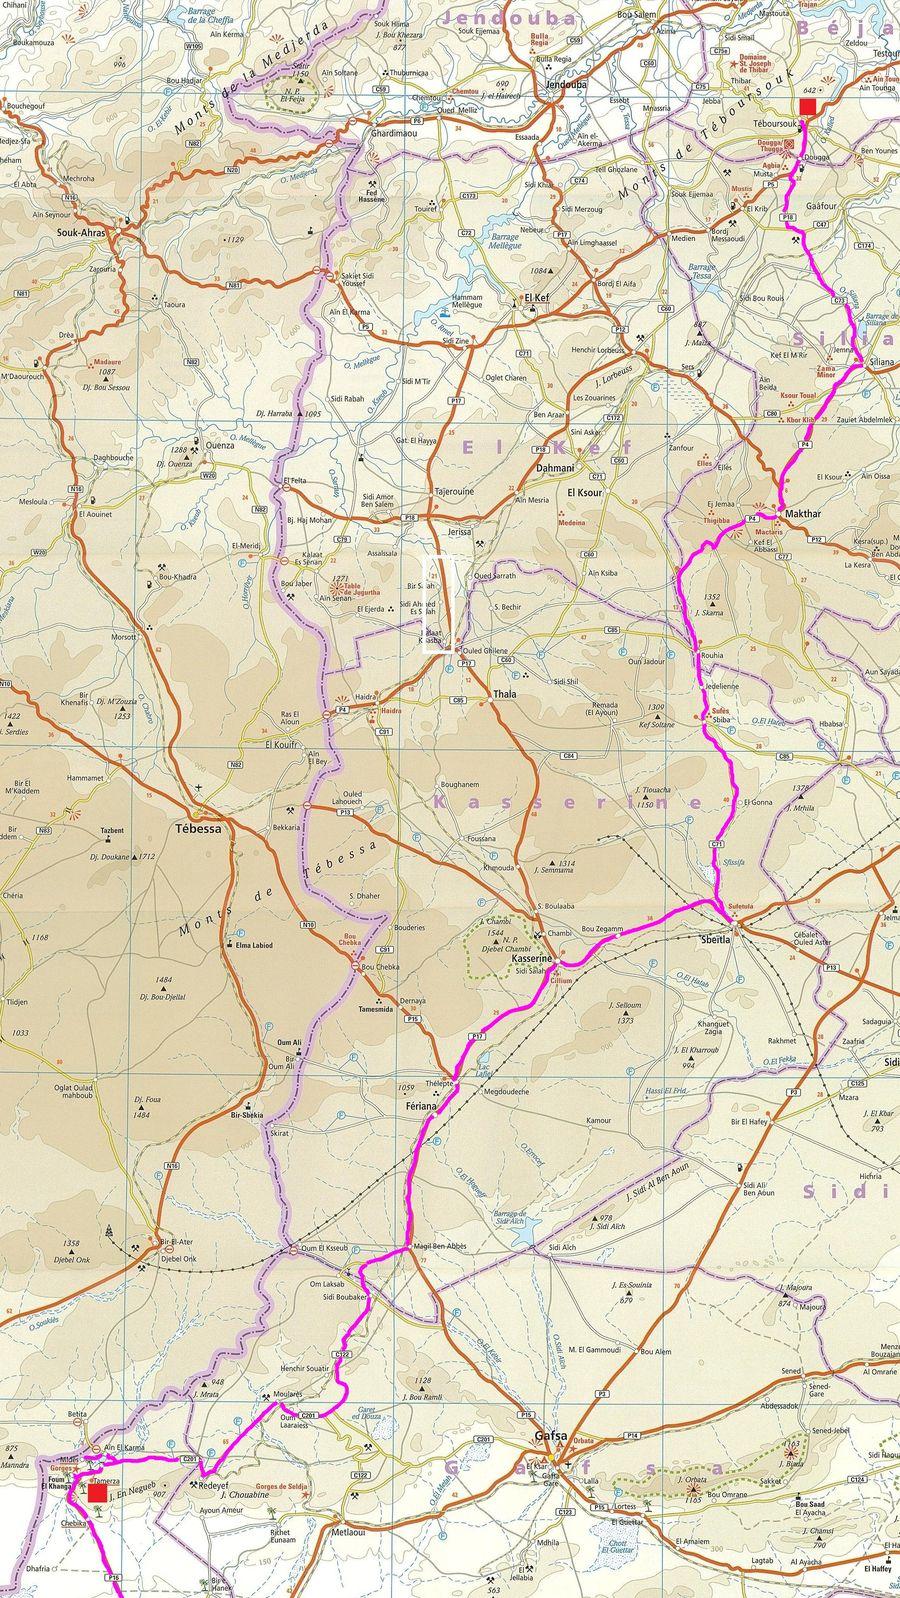 19-11-25-map